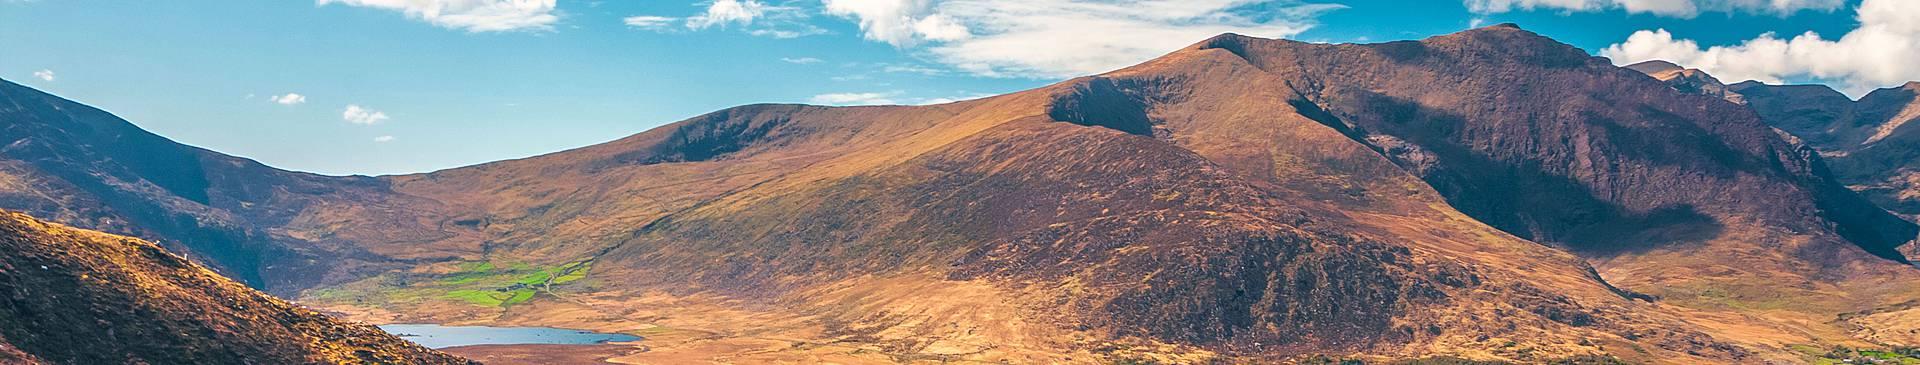 Ireland off-the-beaten-track